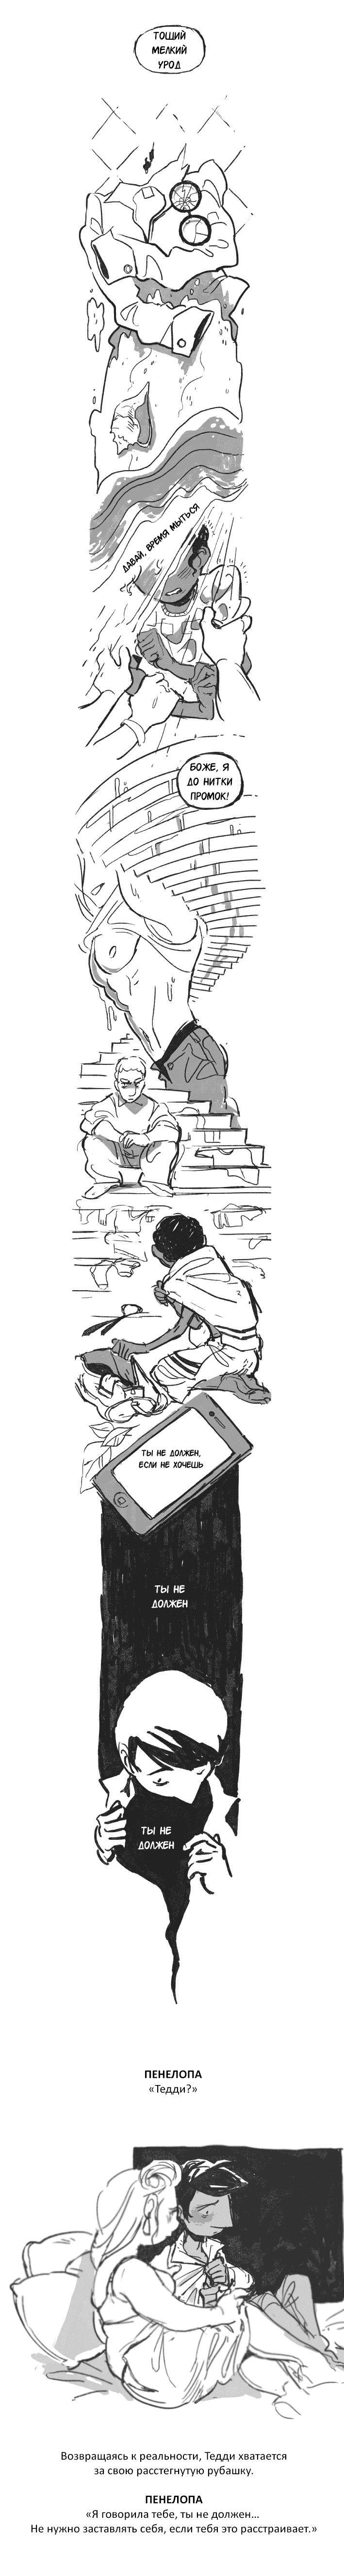 Чтение манги Лучшие Друзья Навсегда 2 - 20 - самые свежие переводы. Read manga online! - MintManga.com